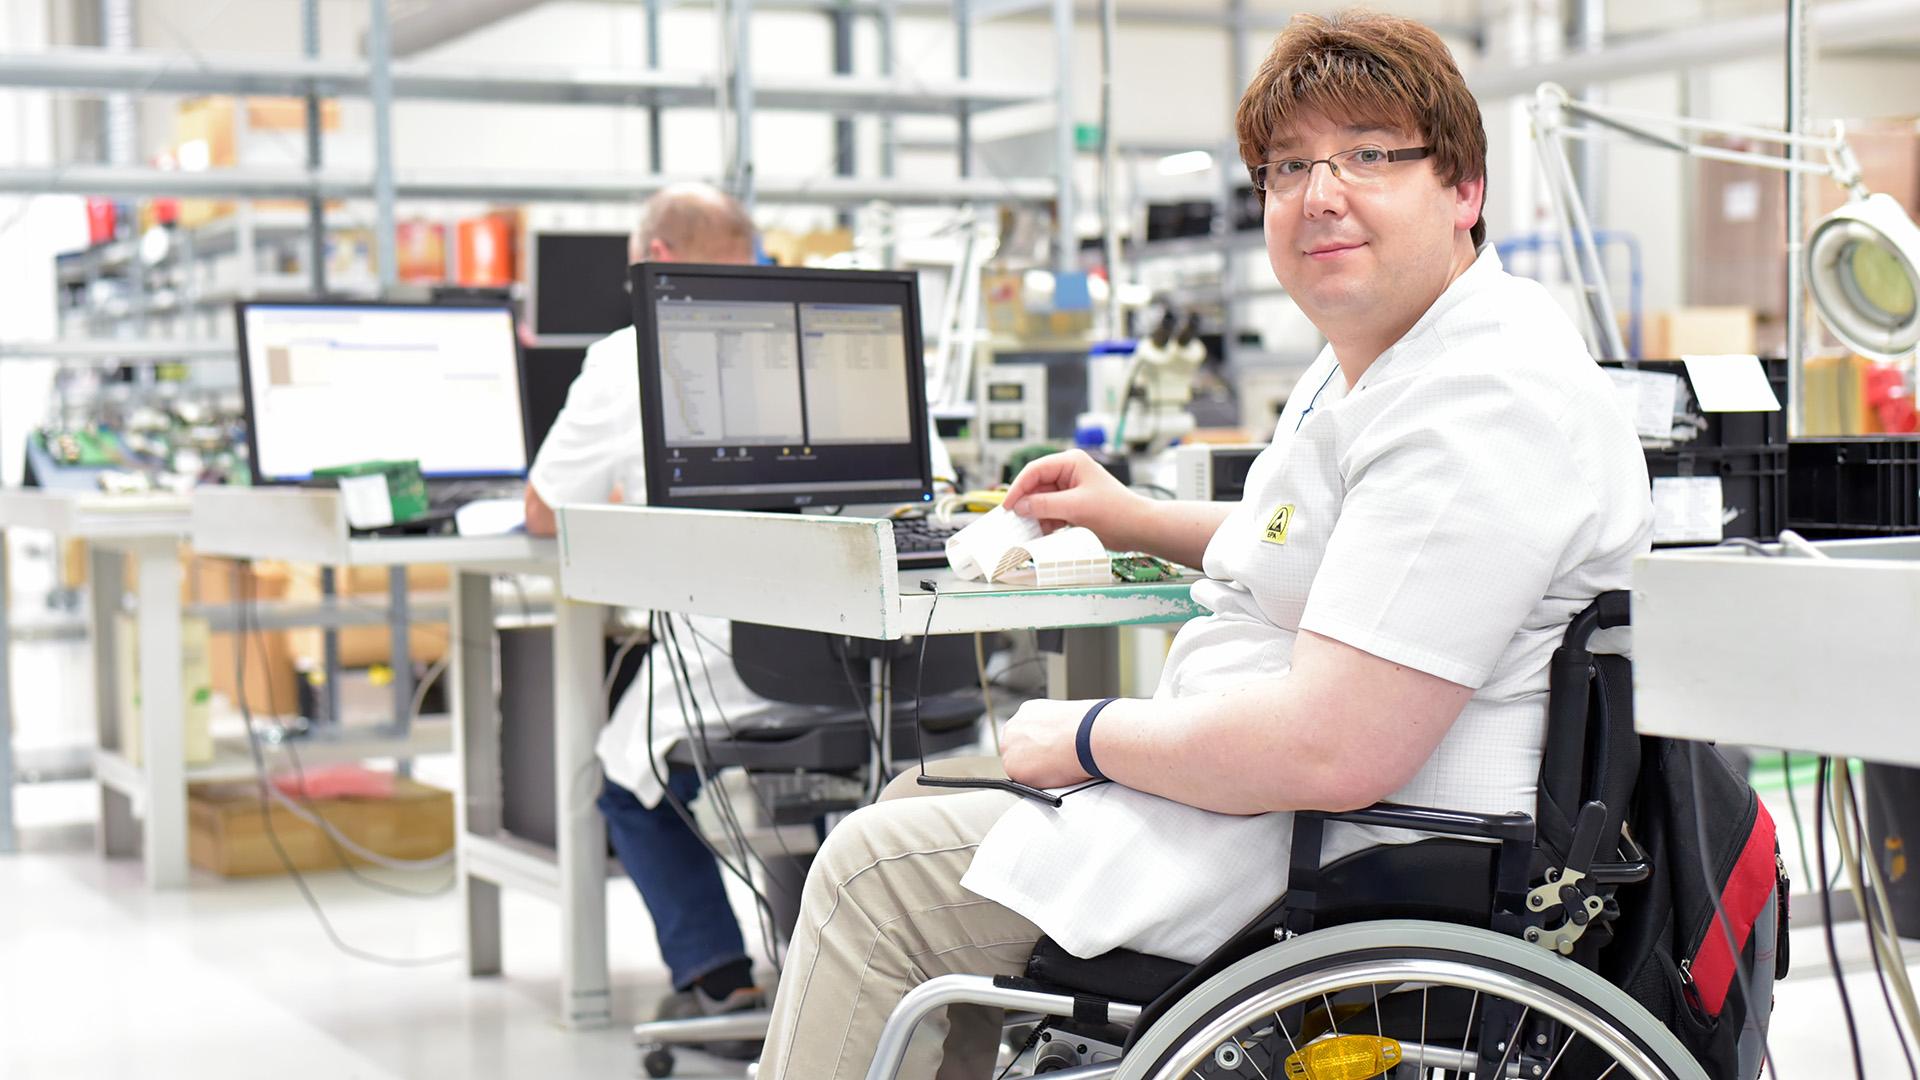 Rollstuhlfahrer am Arbeitsplatz